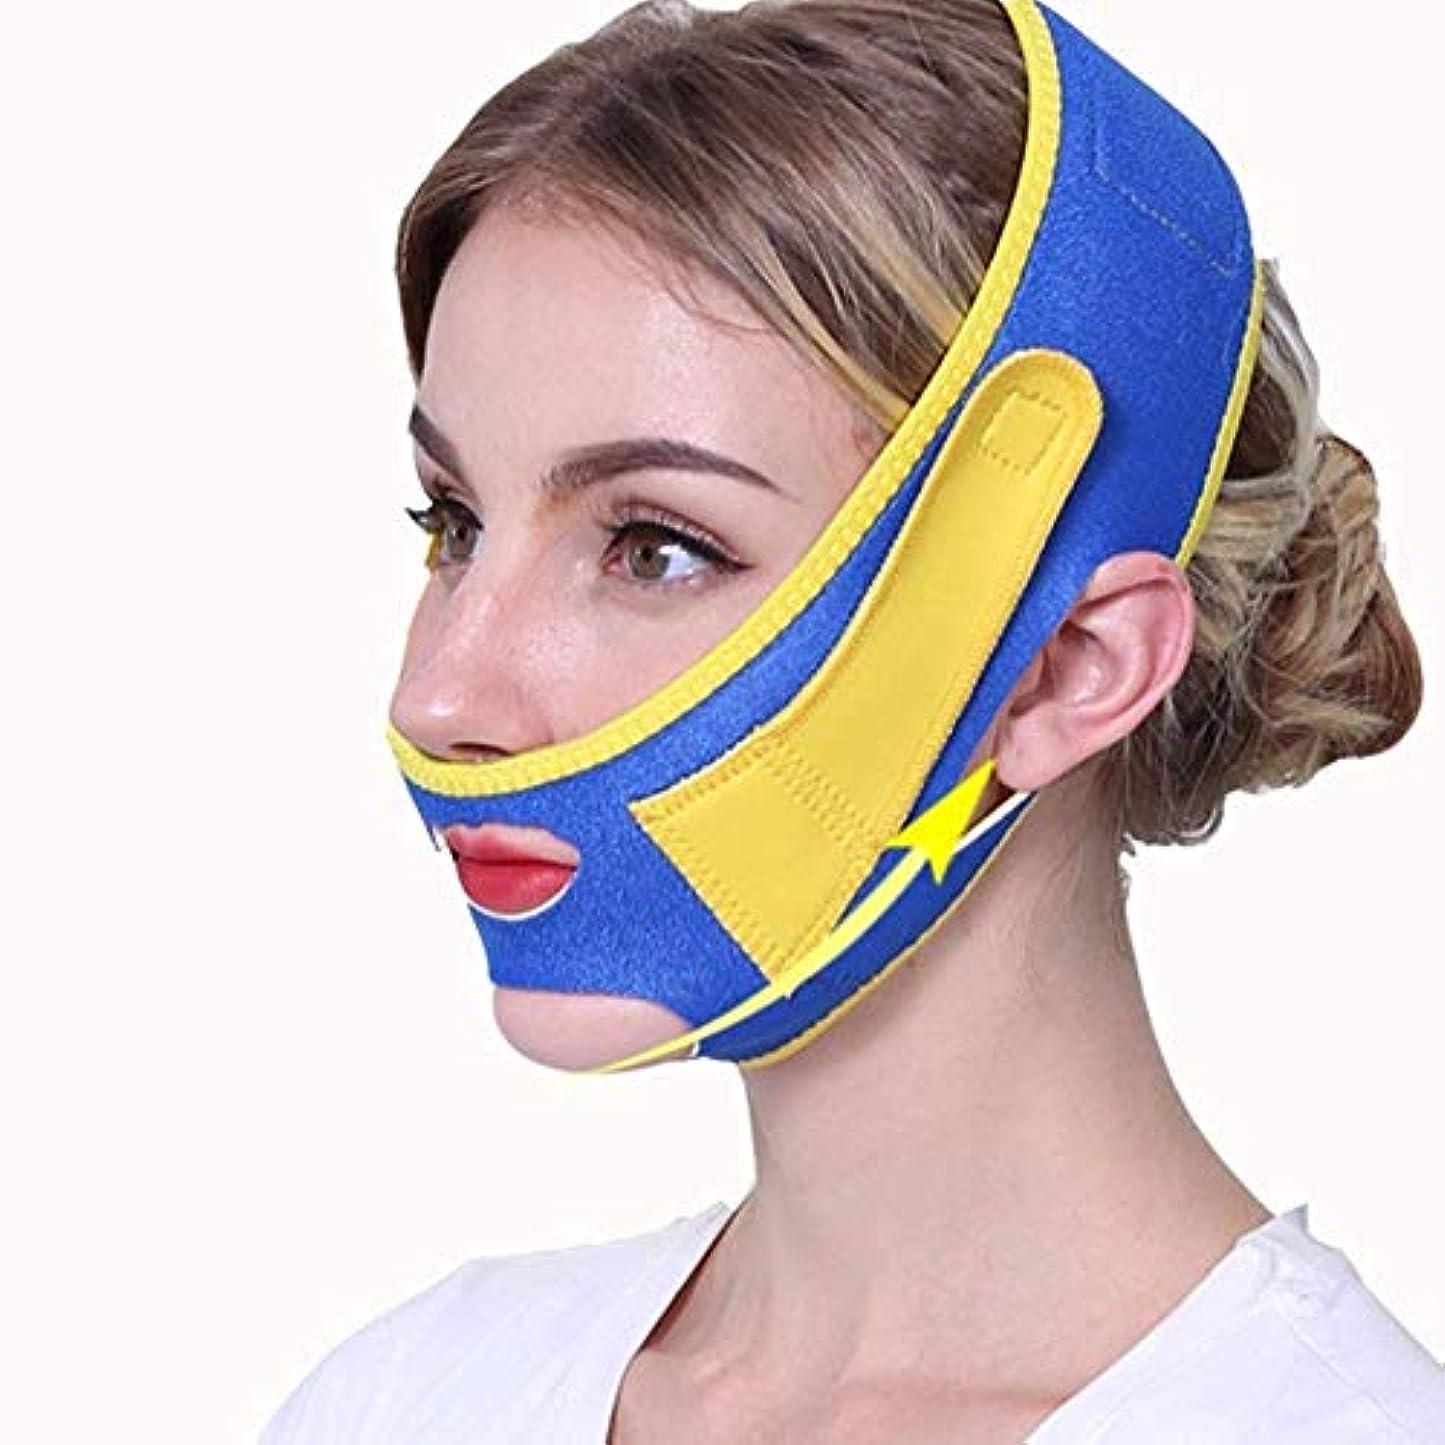 売る意識的トーストフェイシャルウェイトロスベルトフェイスリフティングマスク、フェイシャルスリミングリフティングチンストラップ、ネックコンプレッションフェイス付きVライン、減量包帯付きアンチダブルアゴシワ調整可能な引き締めフェイシャルスキンケア